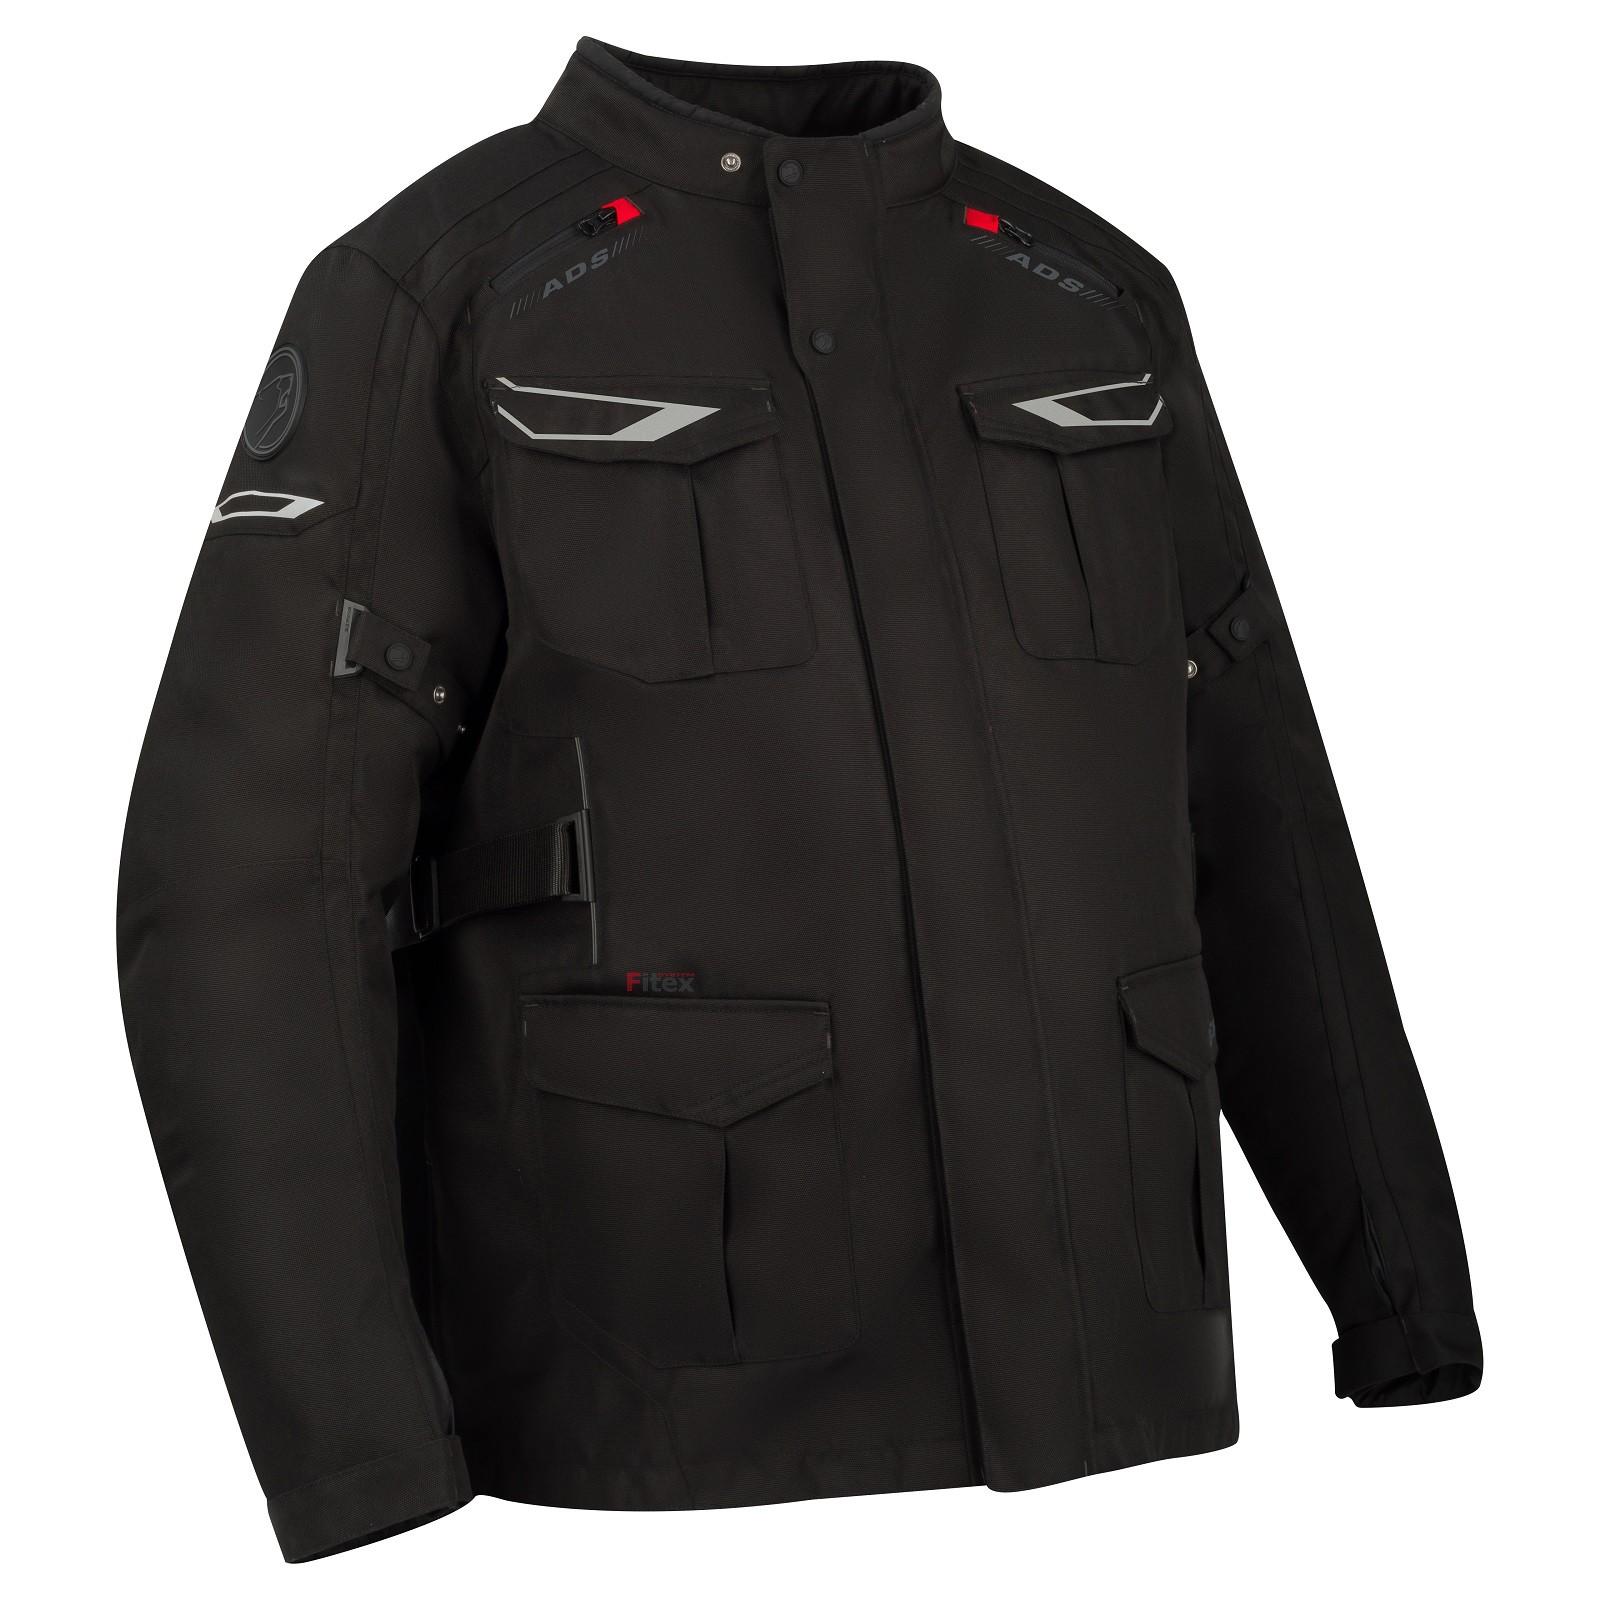 Afbeelding van bering carlos kingsize black motorcycle jacket